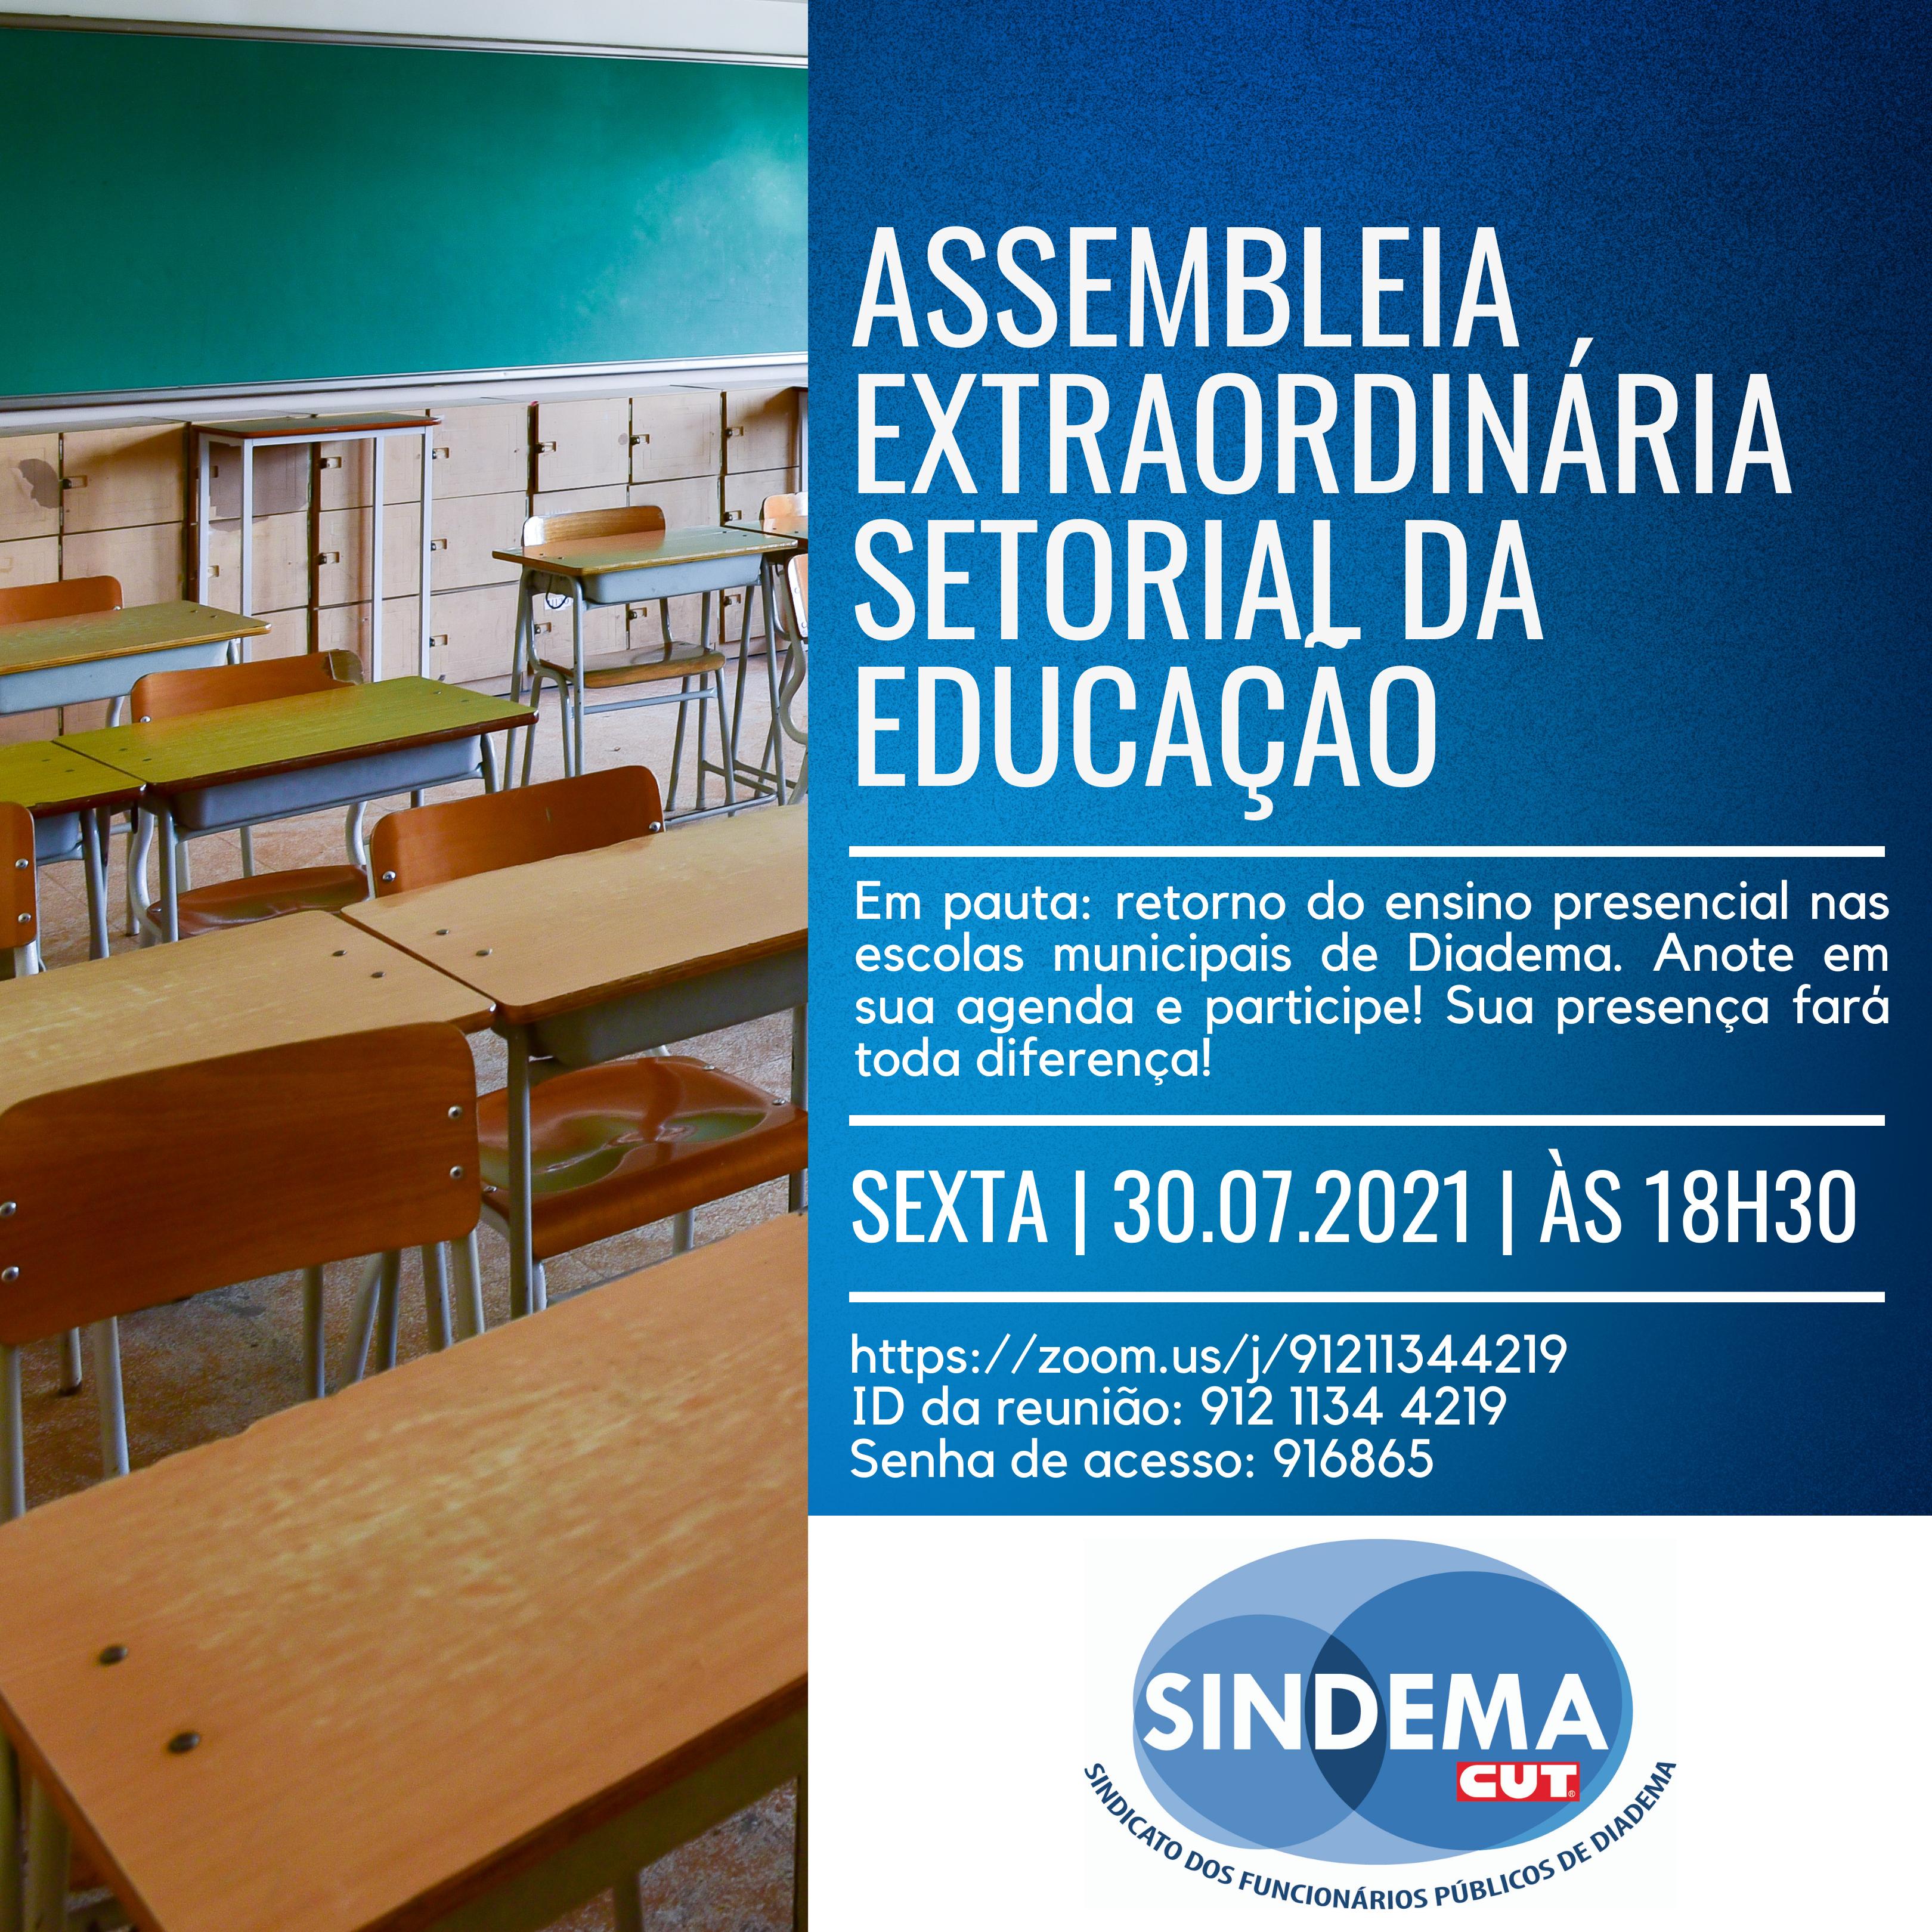 Assembleia extraordinária setorial da Educação.